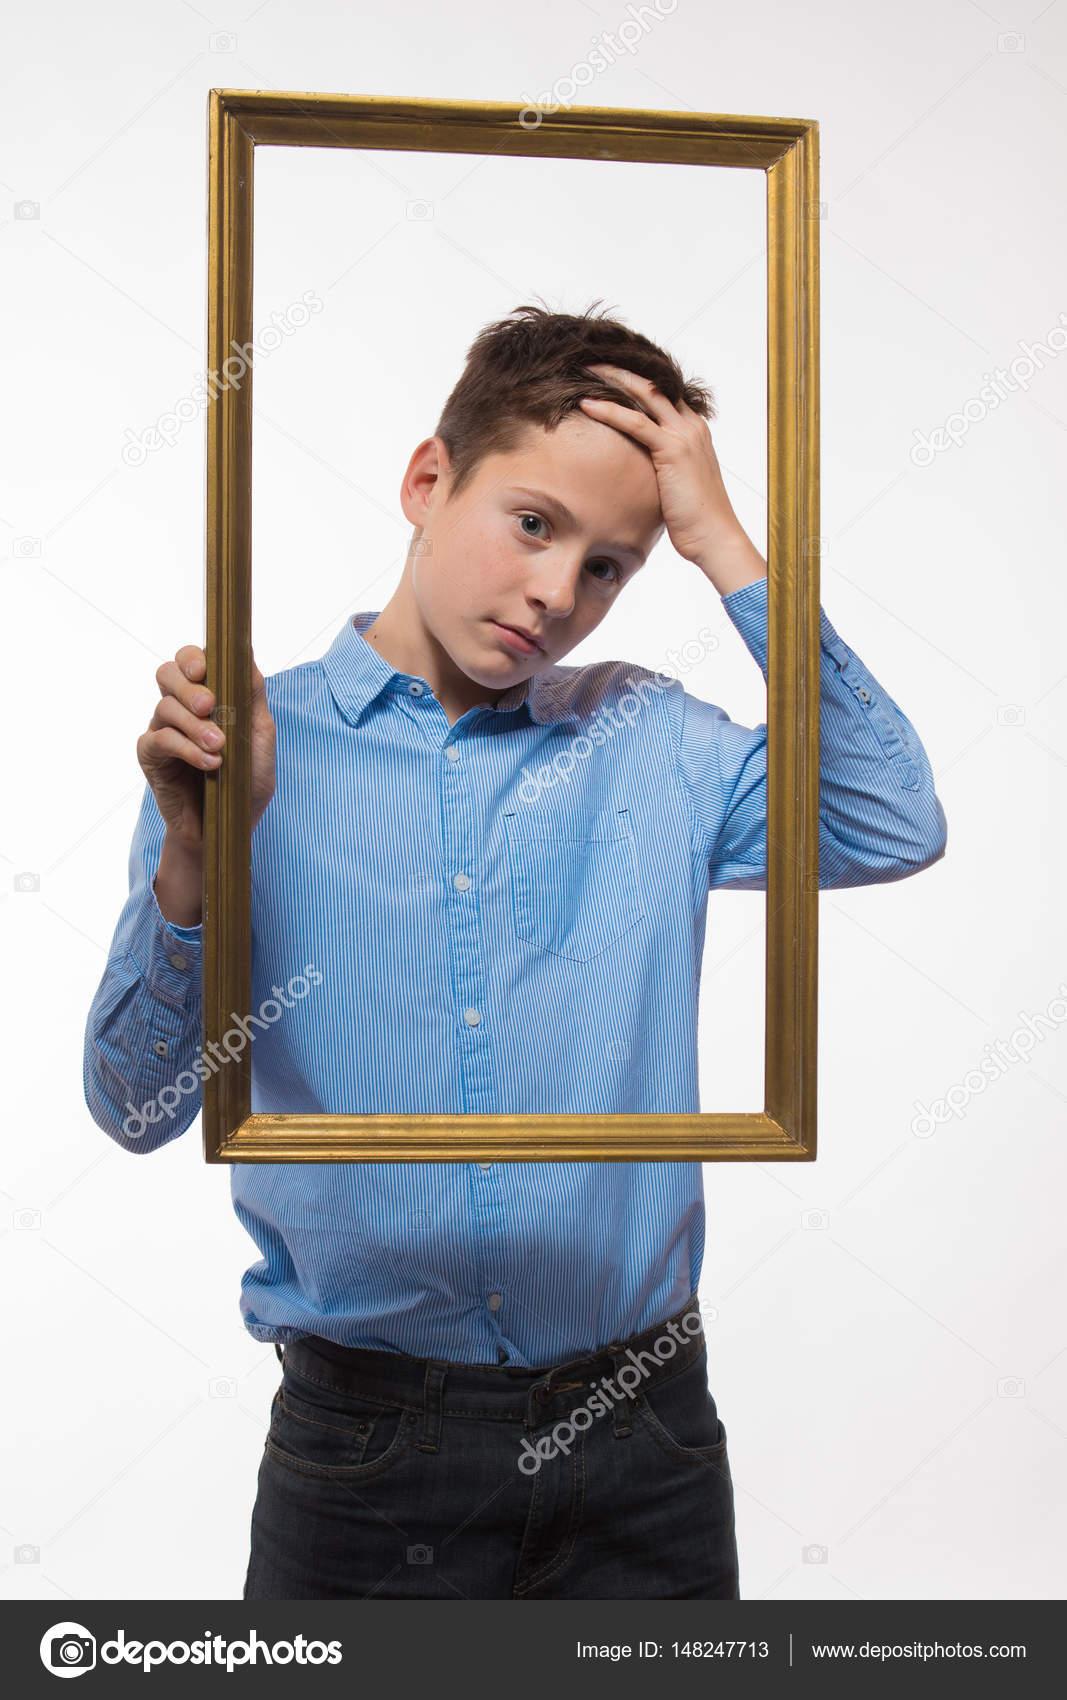 Emotionale junge Brünette in ein blaues Hemd mit einem Bilderrahmen ...